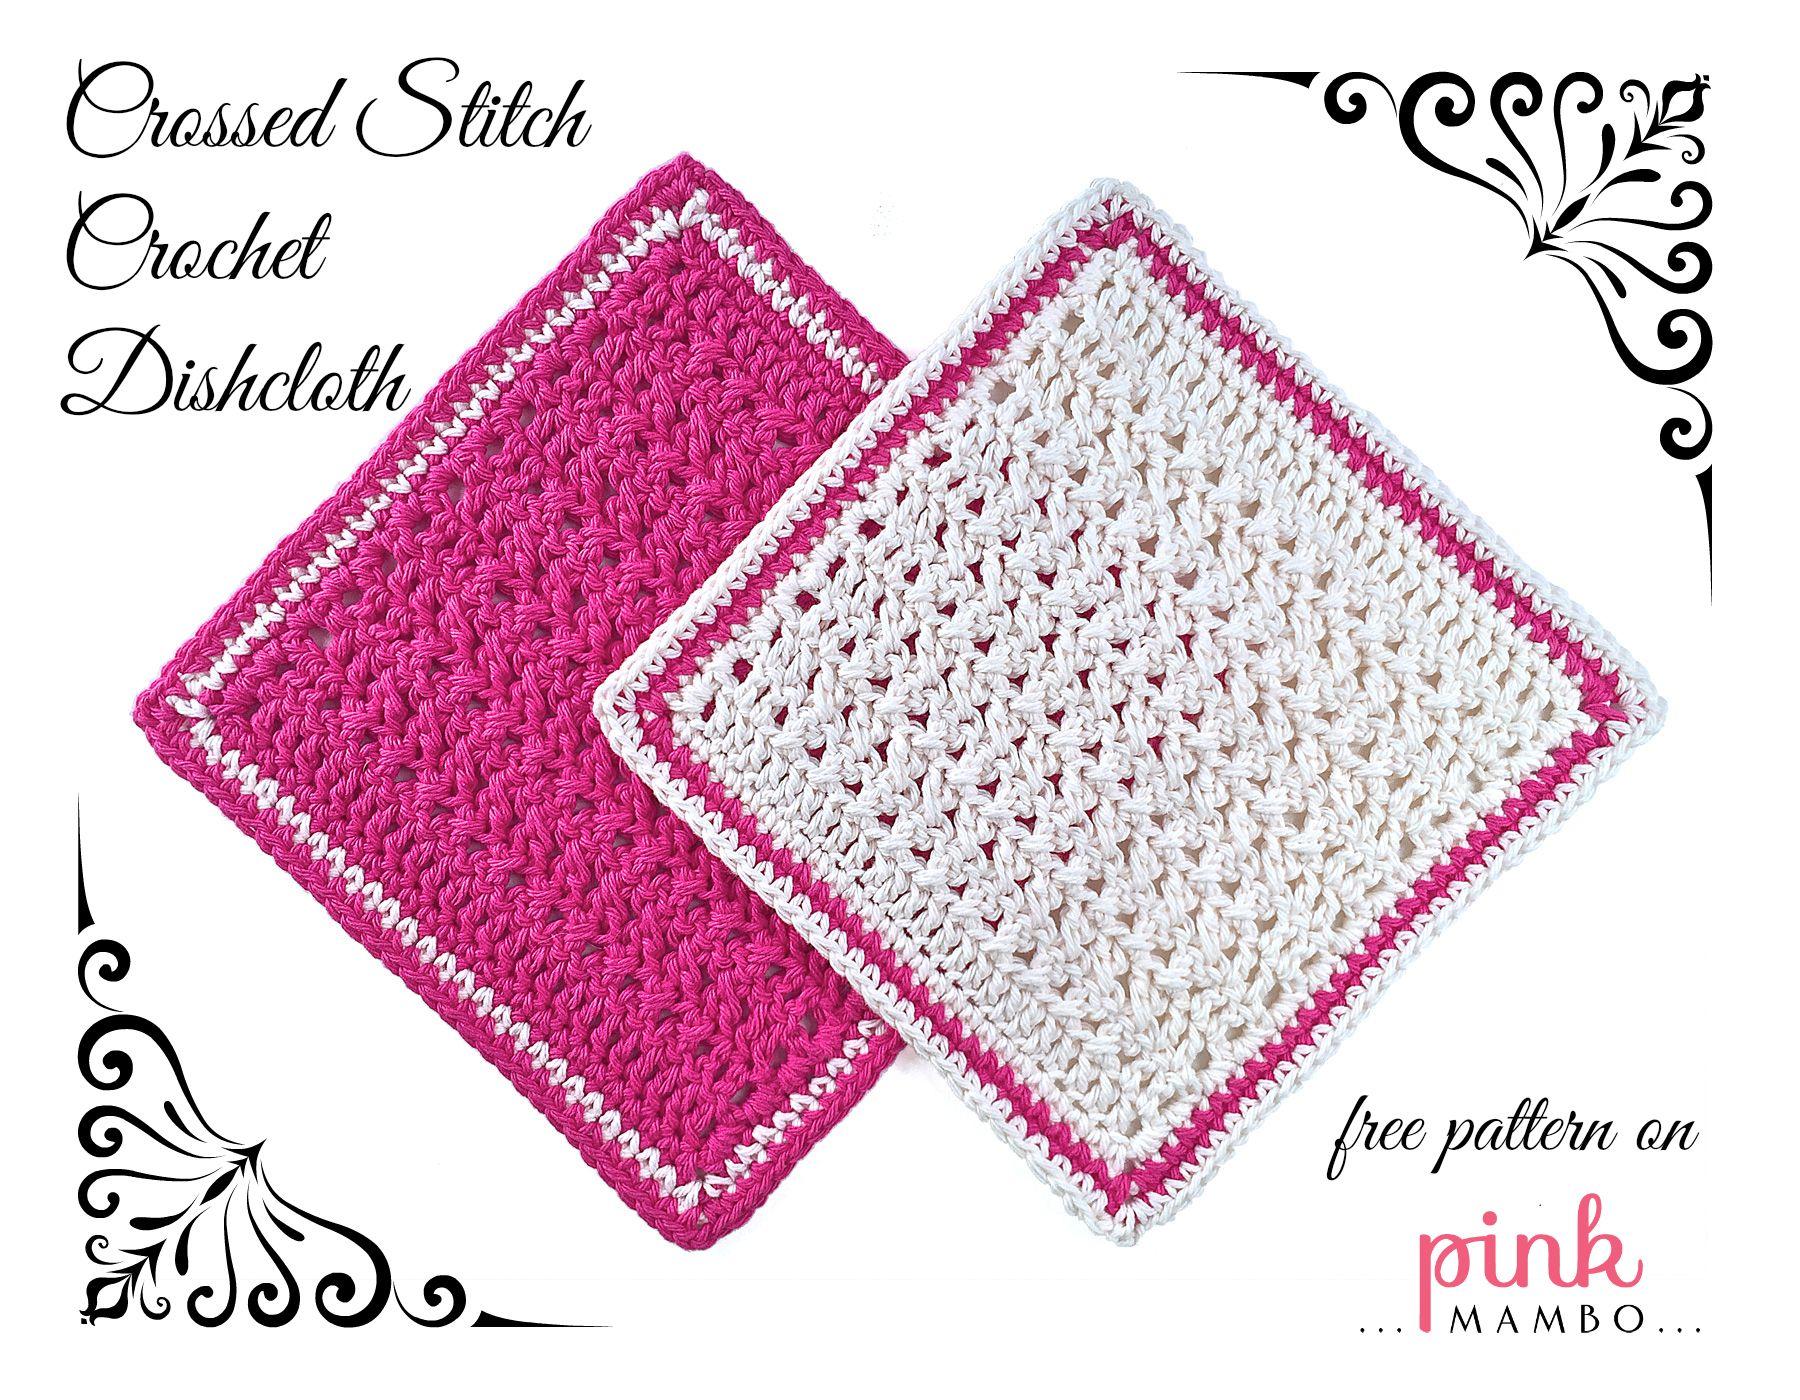 Crossed stitch crochet dishcloth cuadros para unir for Decoracion hogar a crochet